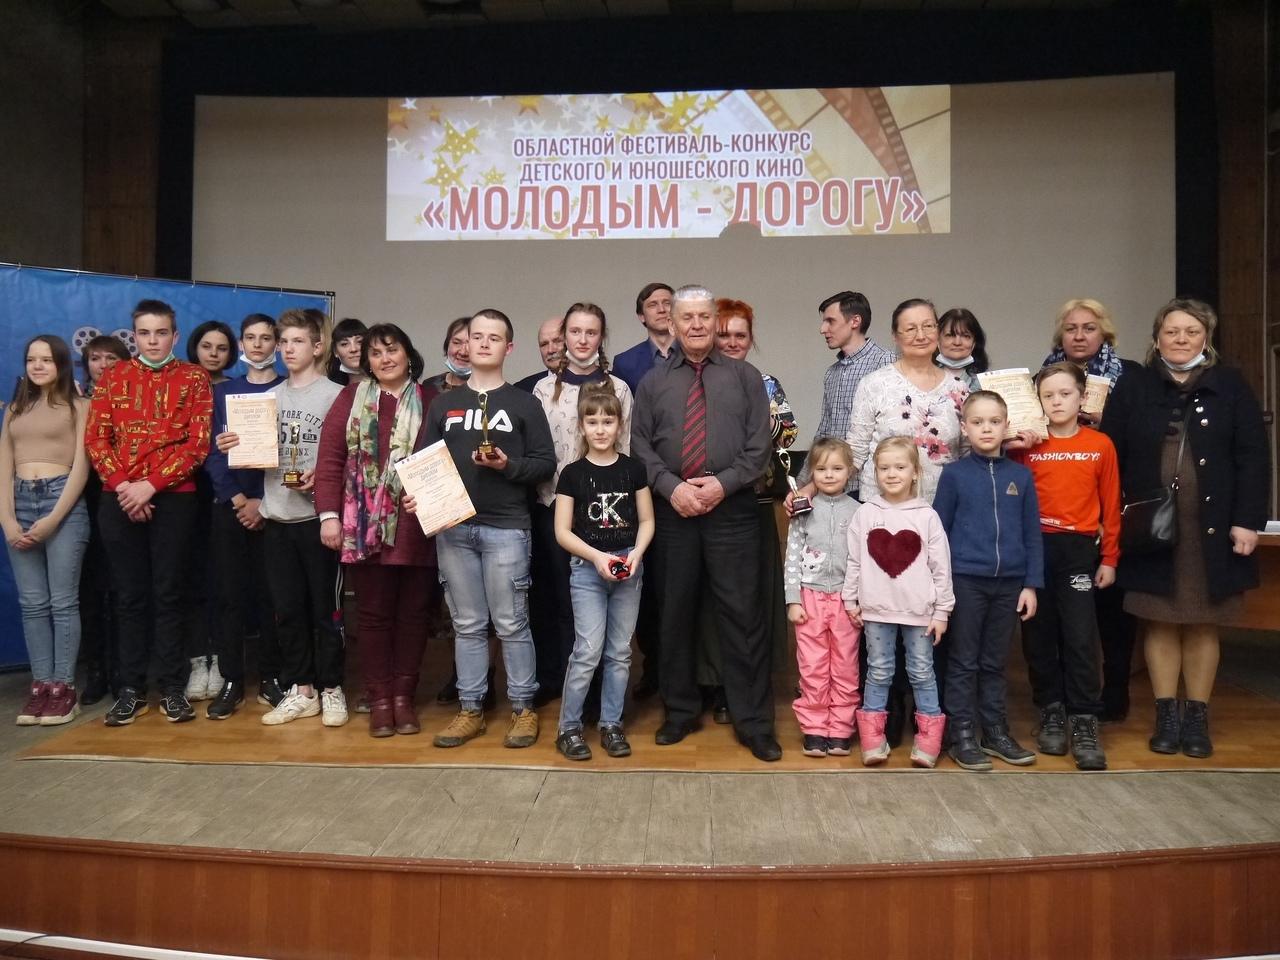 Вышневолоцкий «Метроном» завоевал гран-при областного фестиваля-конкурса